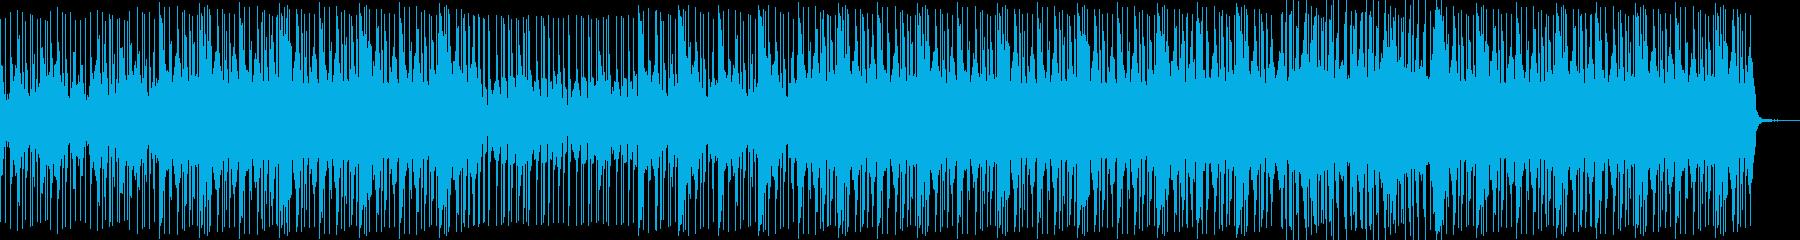 ほのぼのヒップホップの再生済みの波形